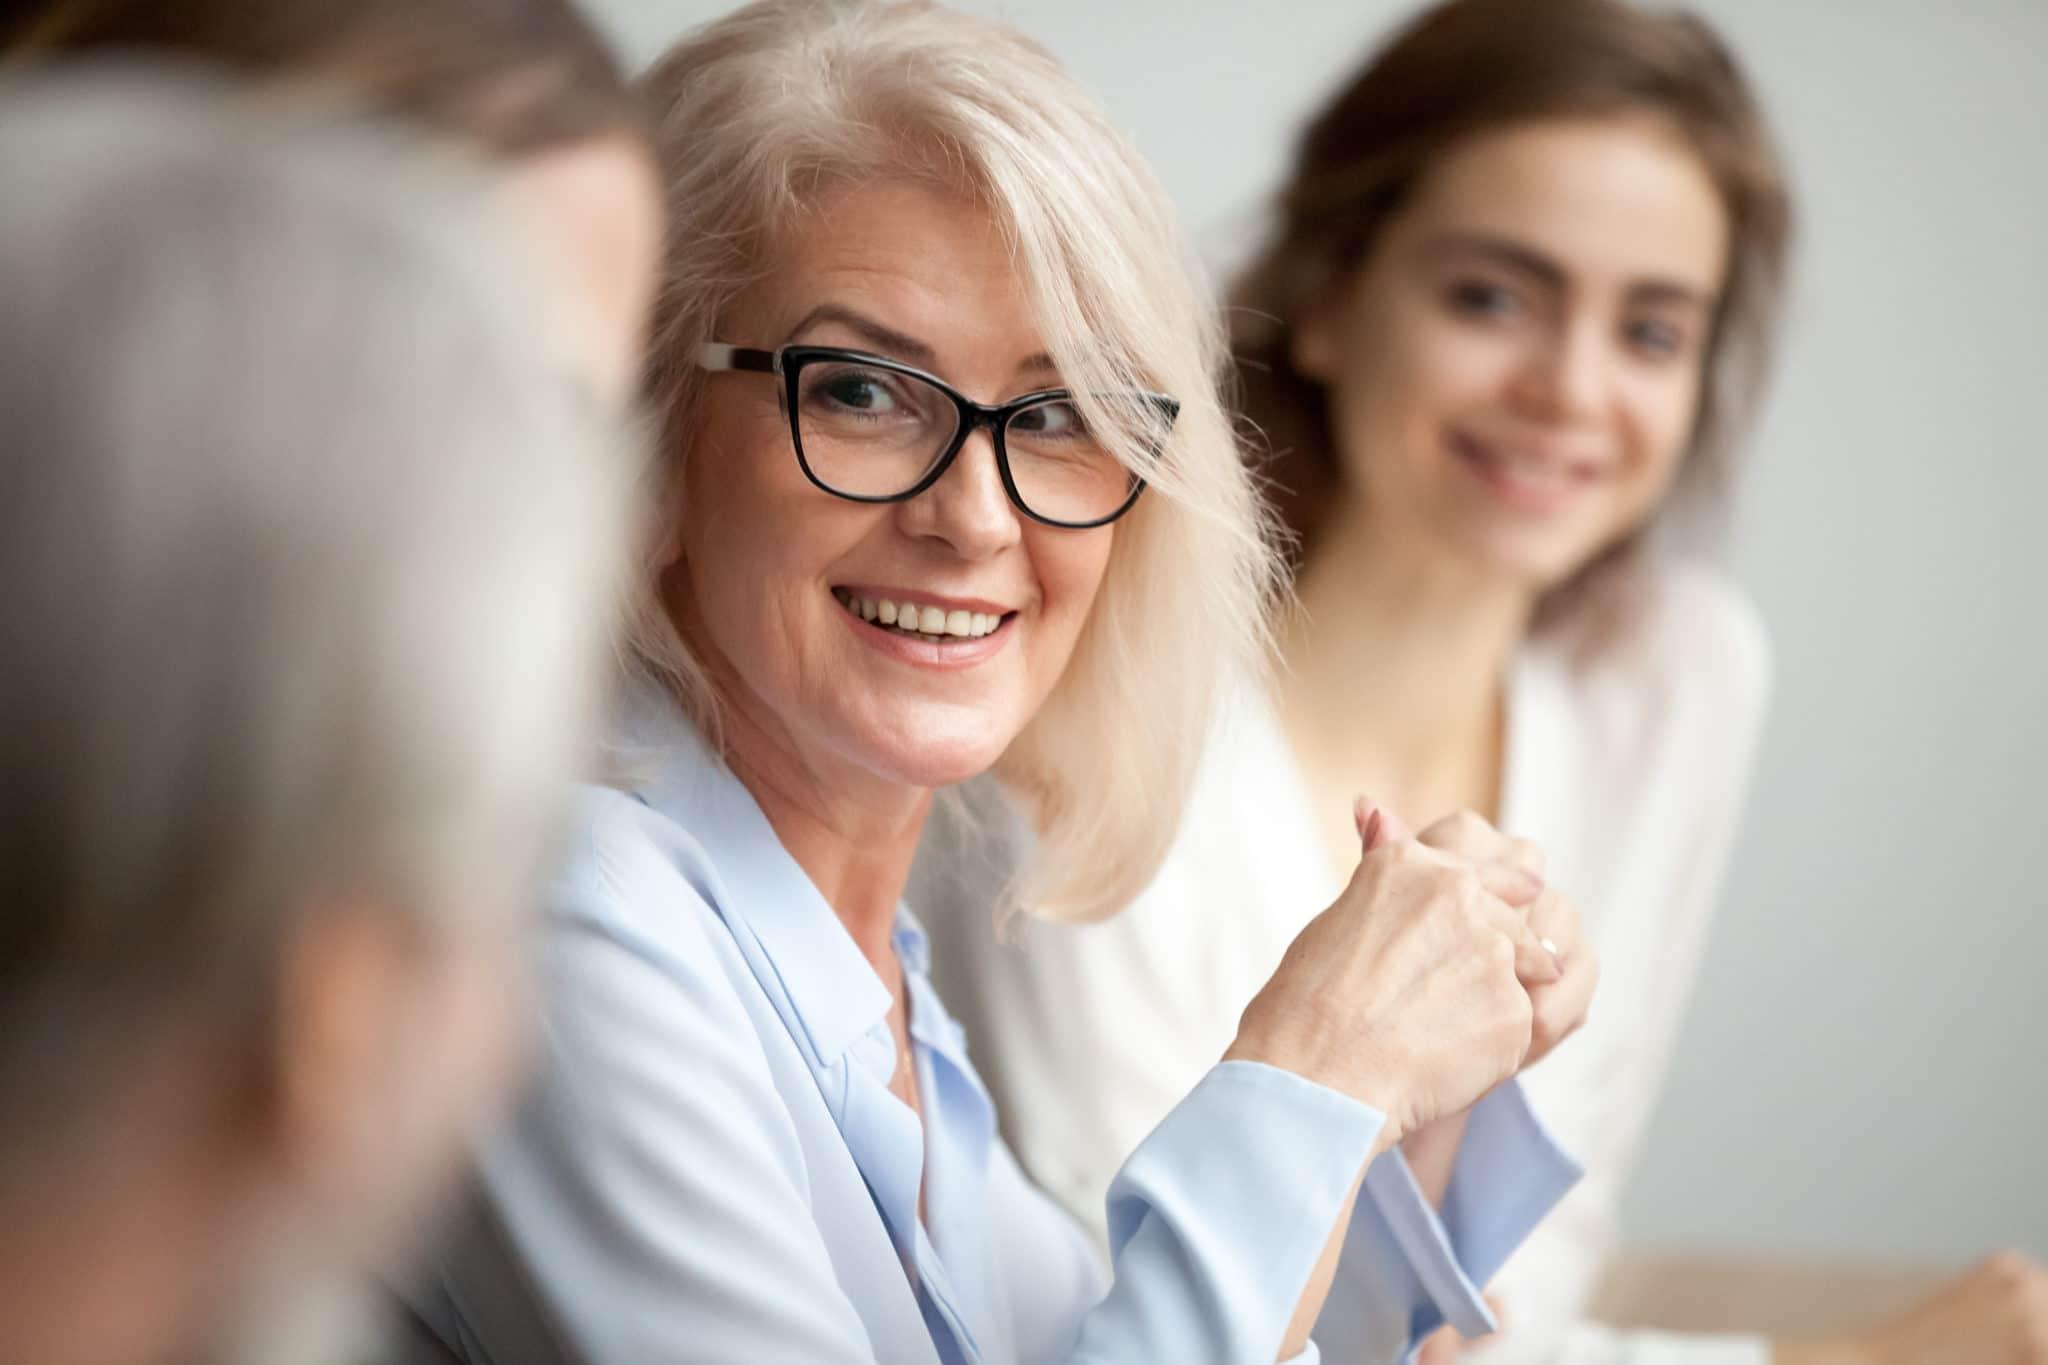 Smilende, eldre dame sammen med yngre dame.